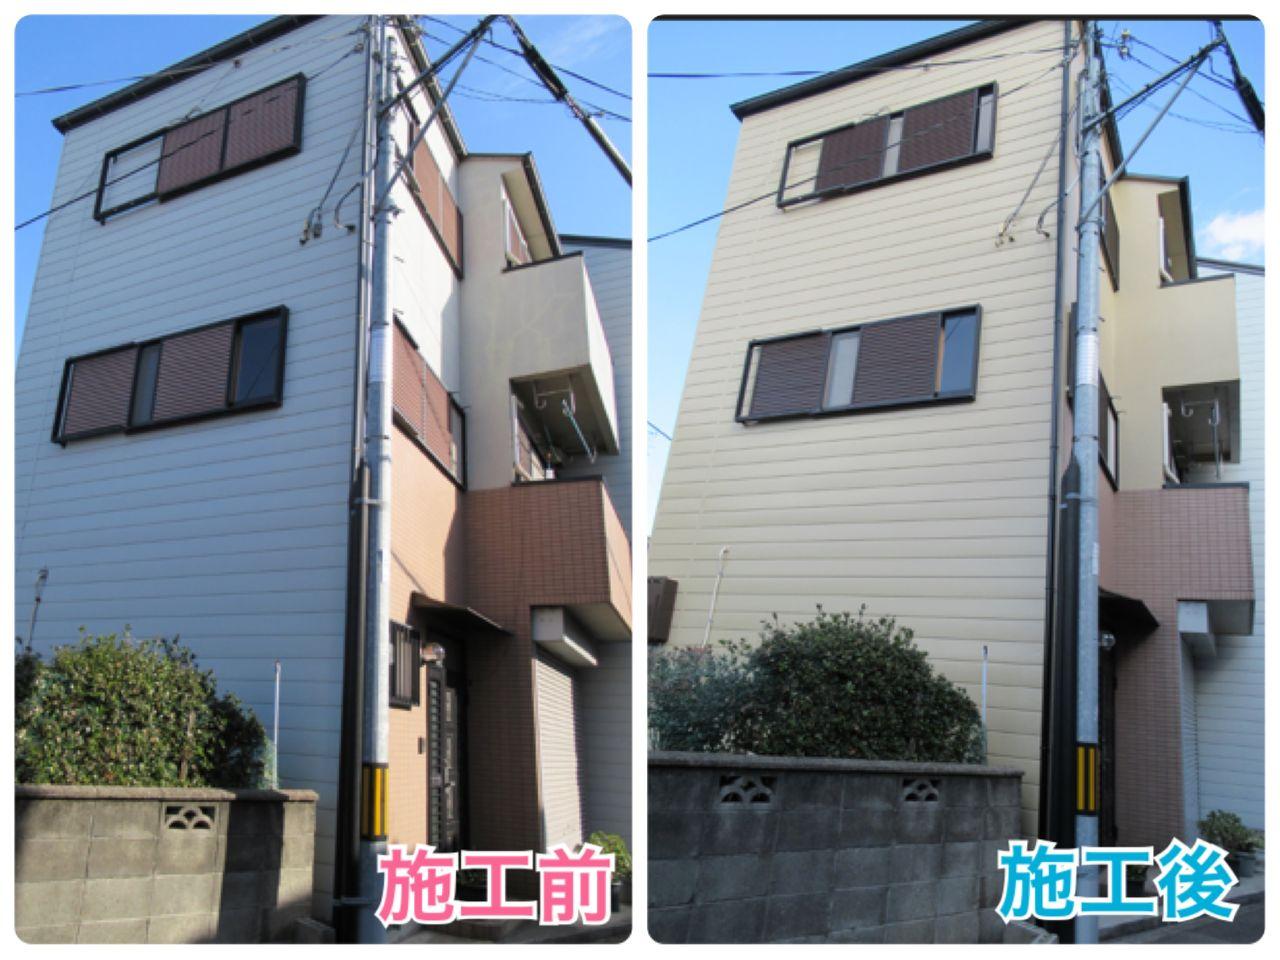 桃坂邸 西成区 外壁 側面 ビフォーアフター